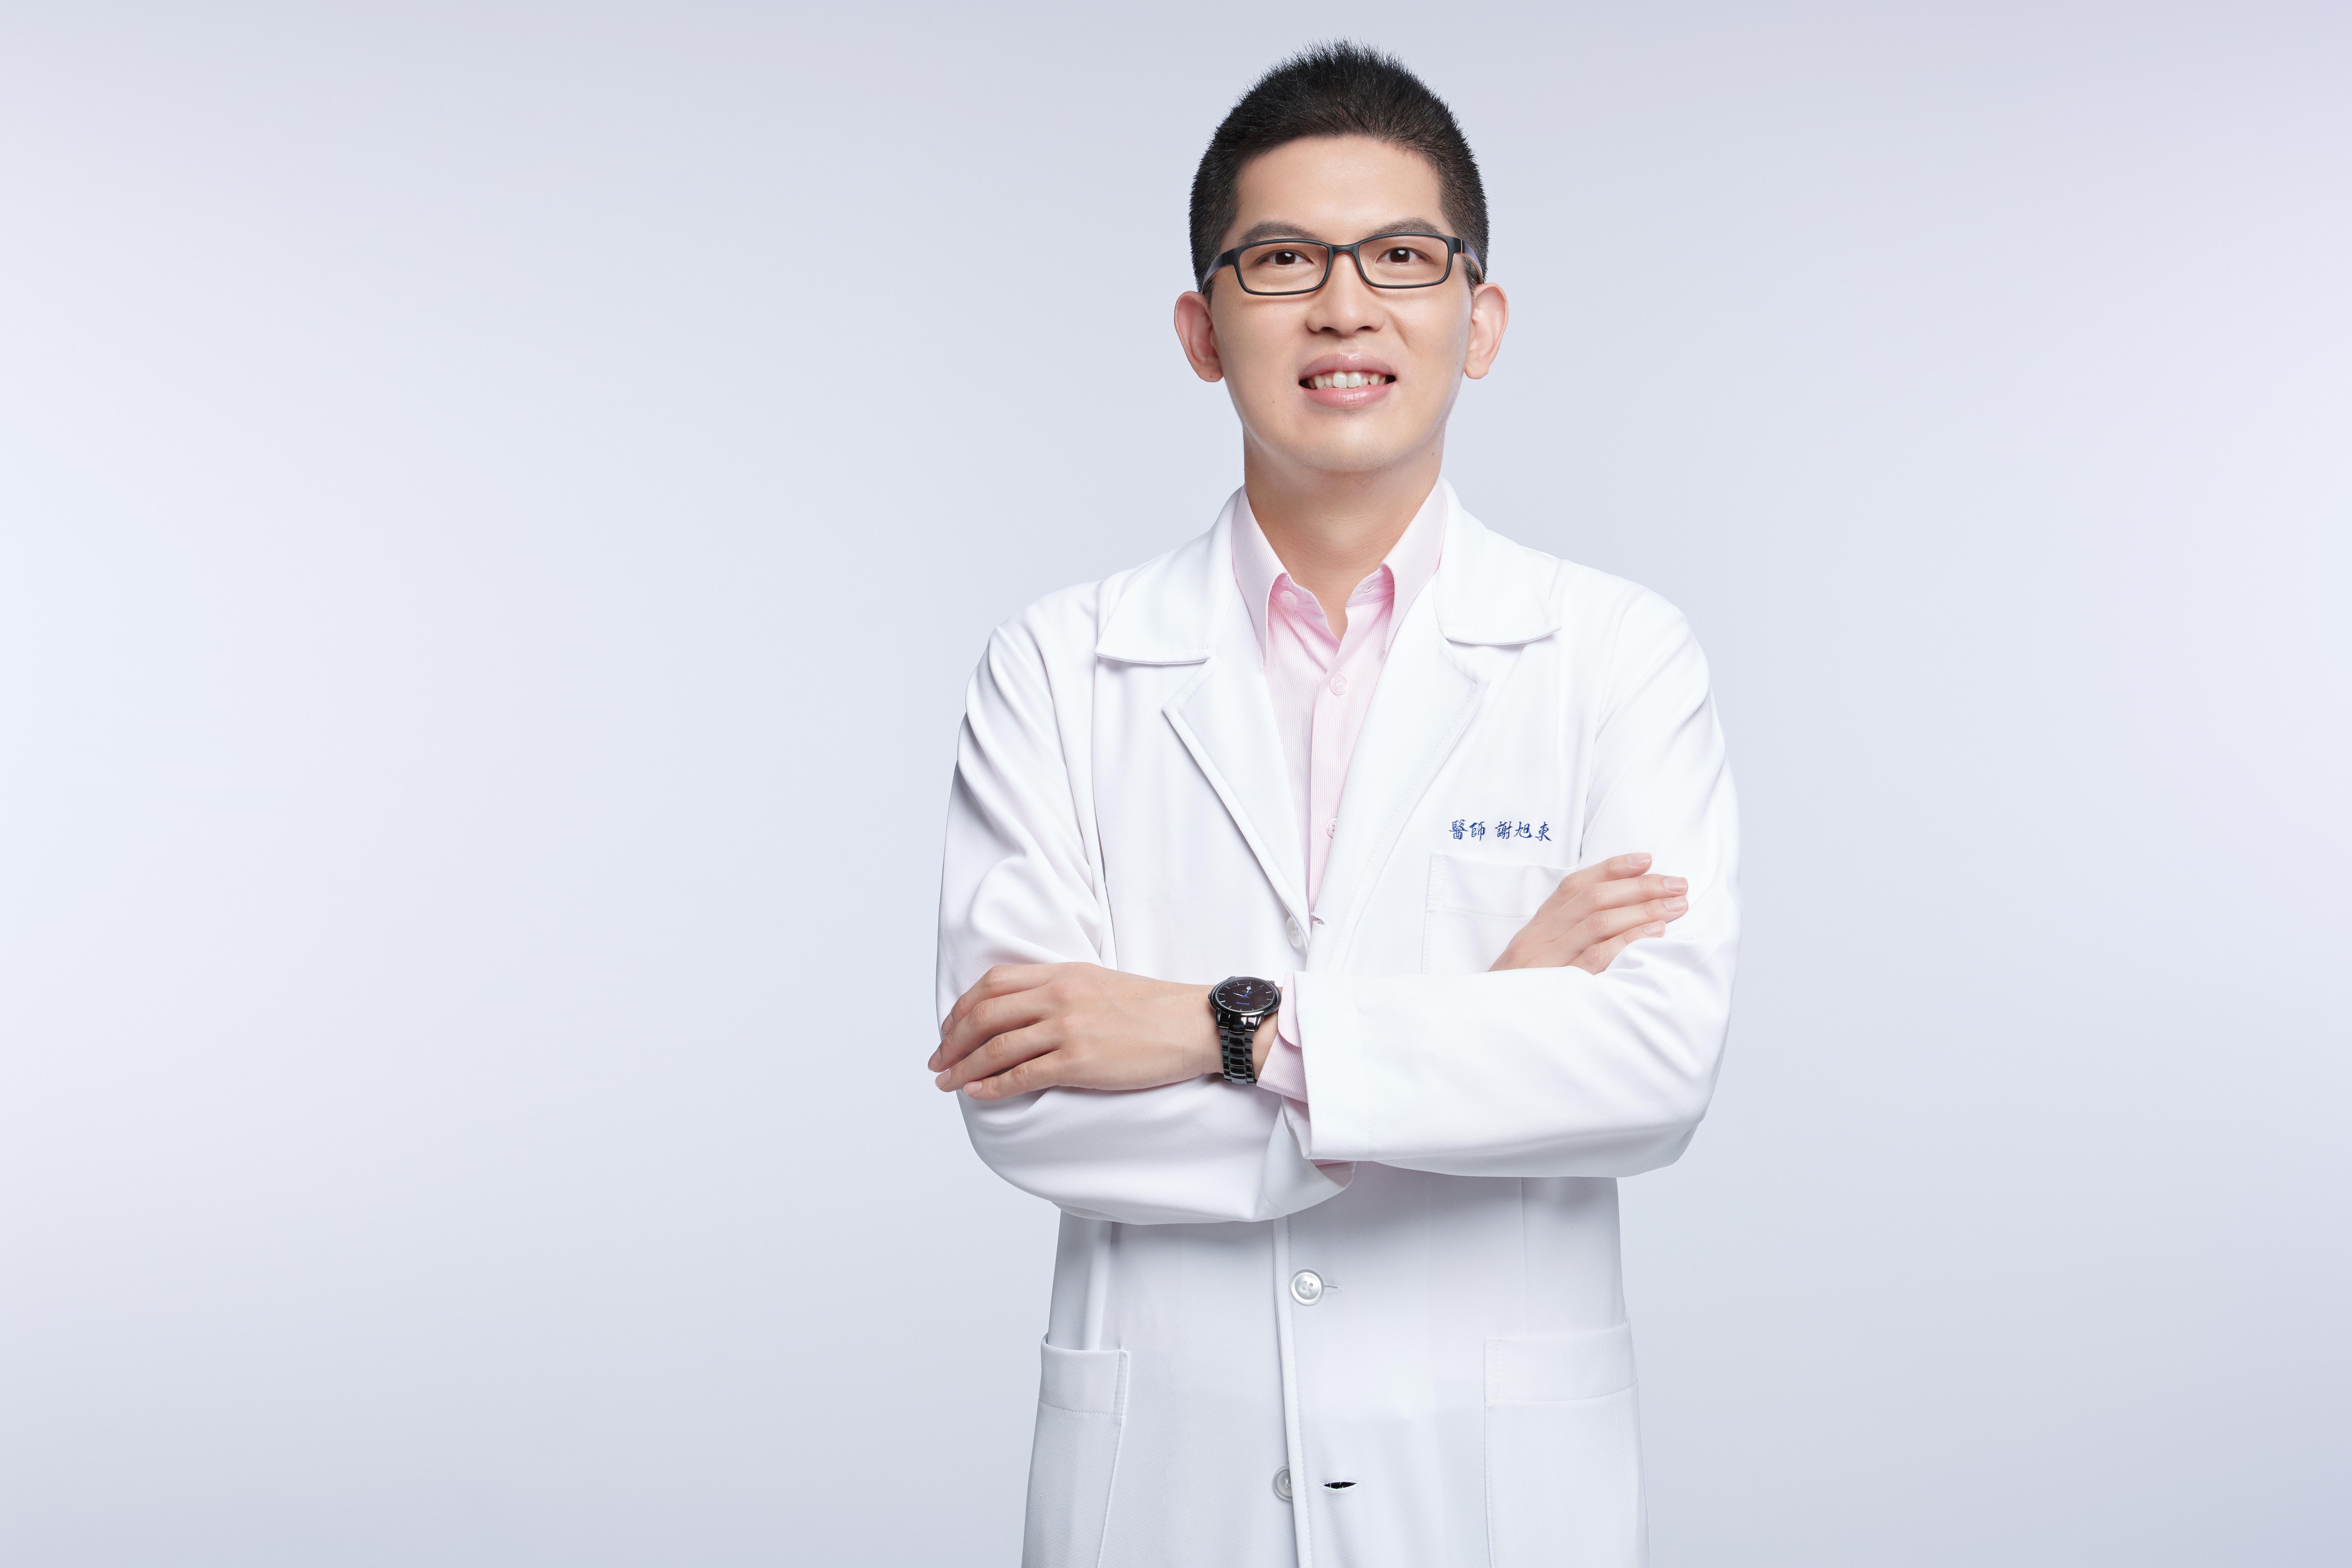 肌膚的事,讓專業的來─謝旭東醫師教你正確護膚,讓你晶瑩透亮